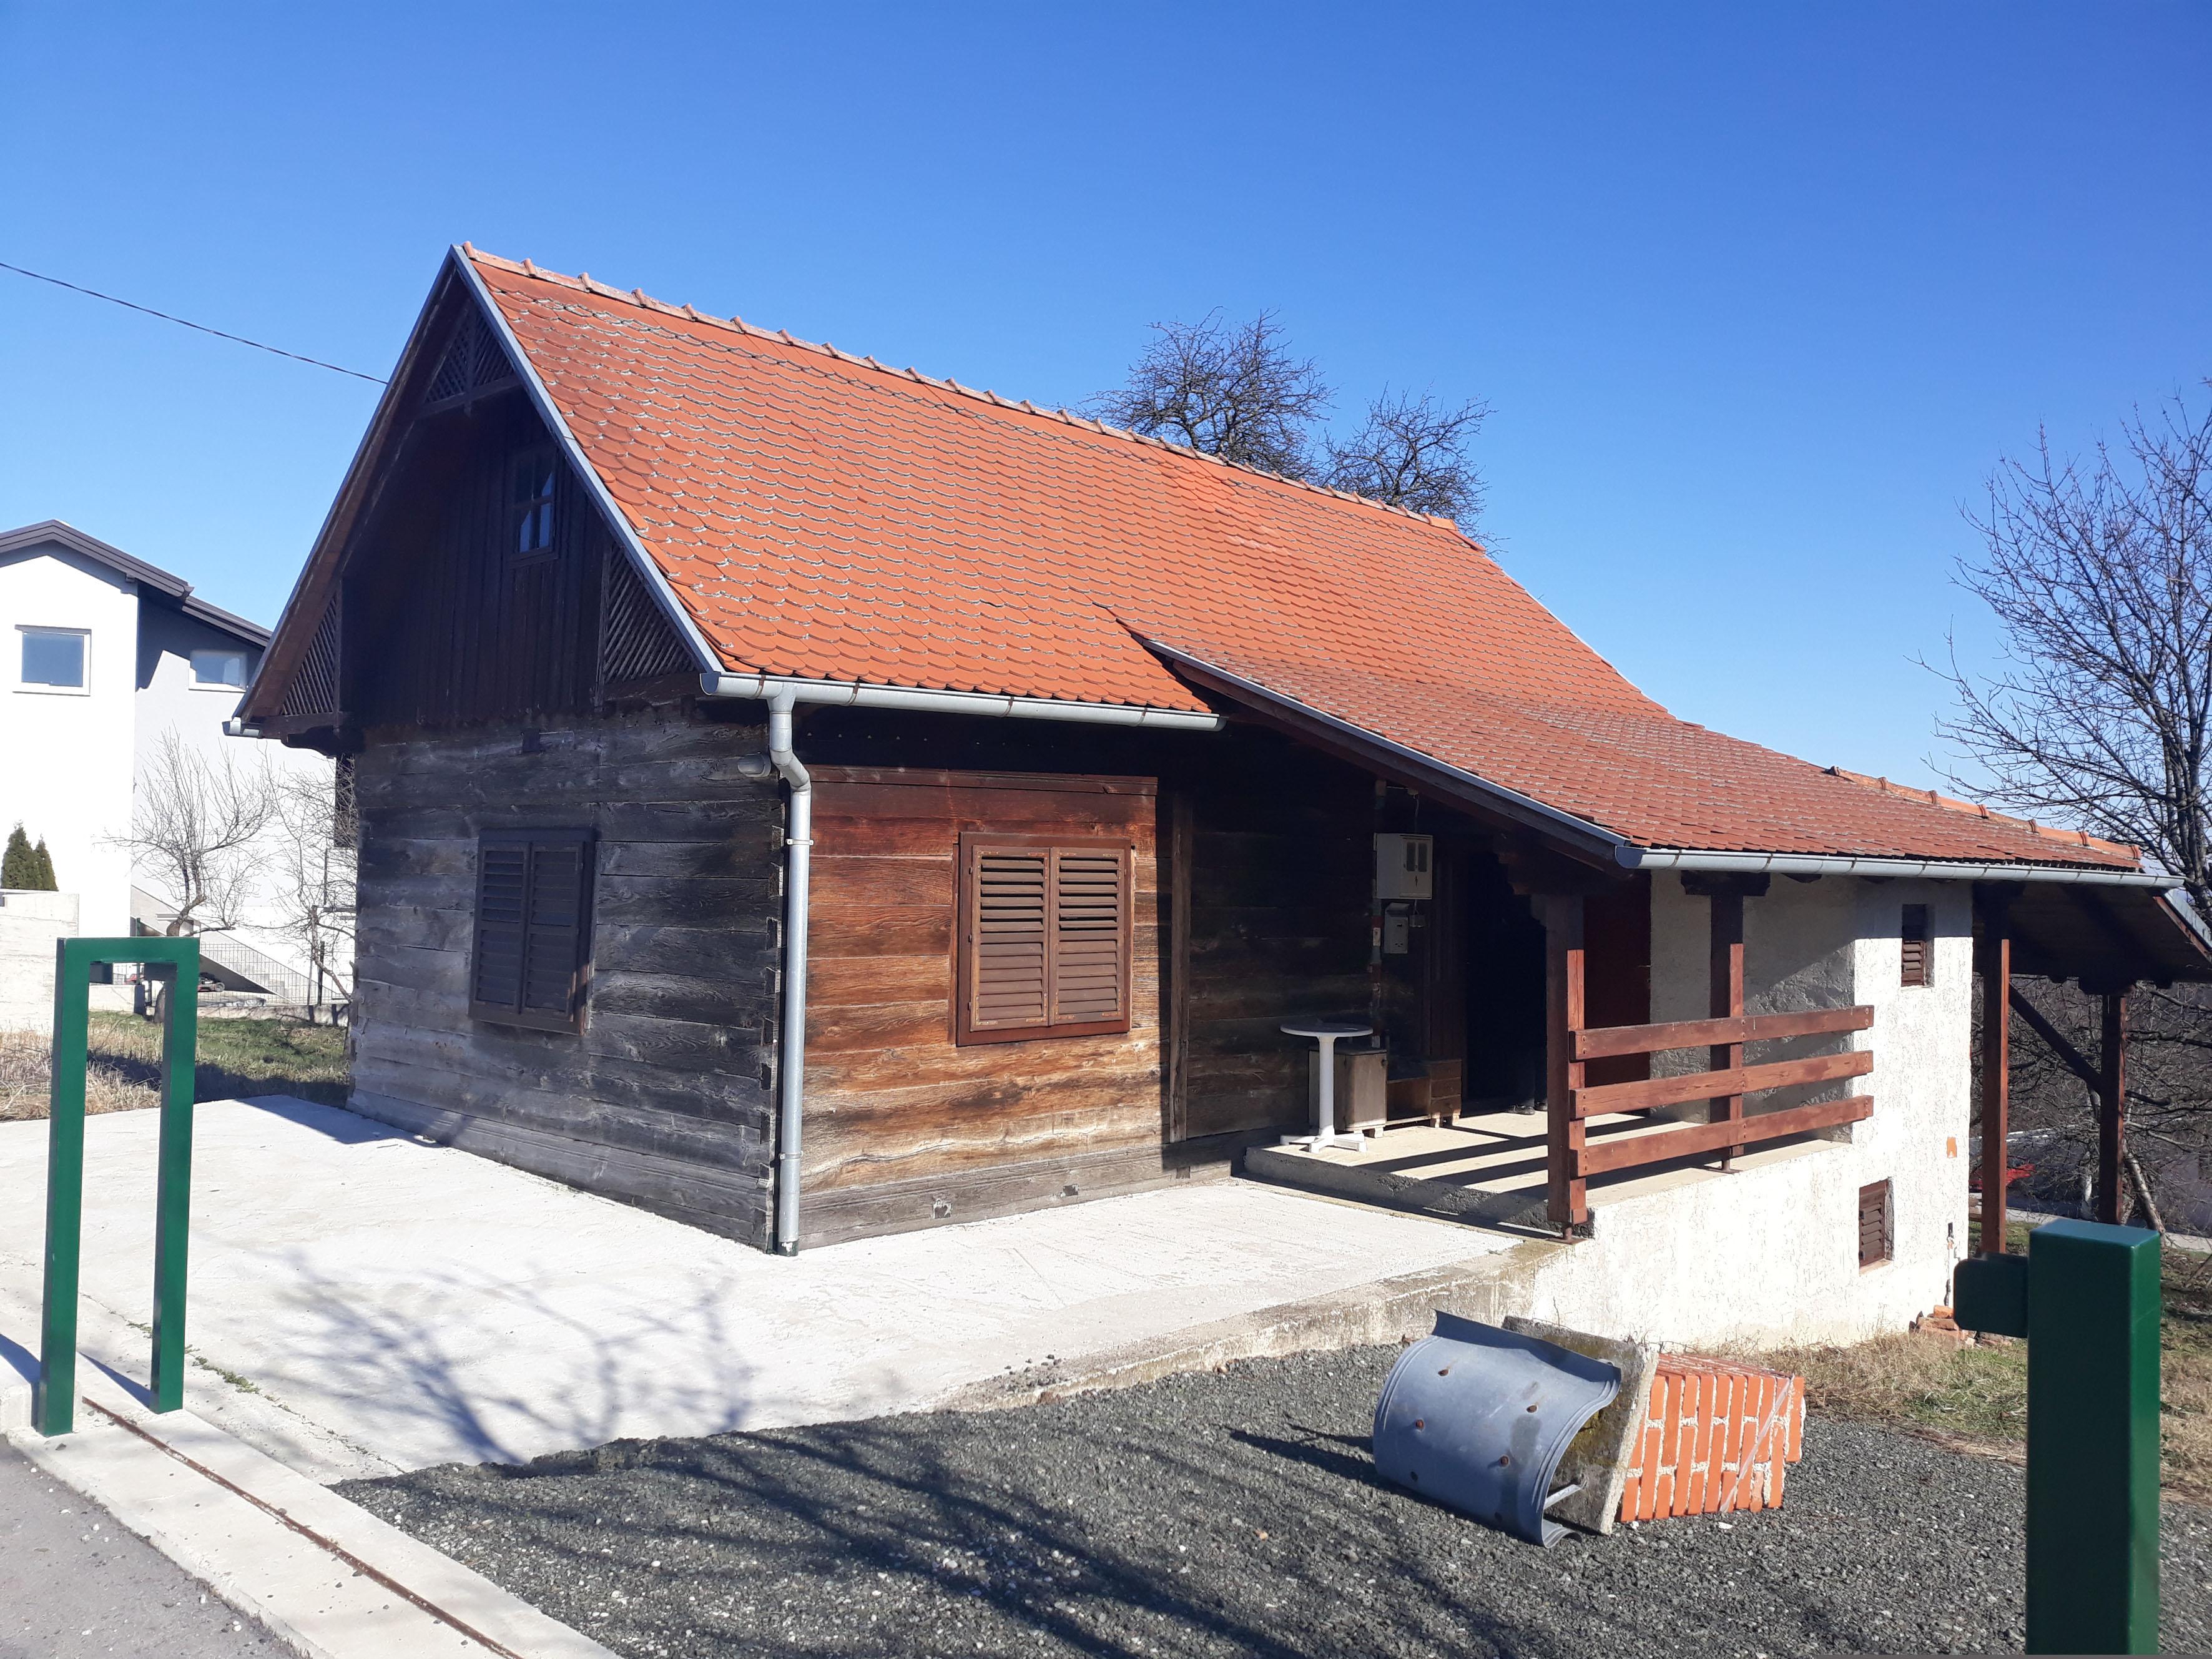 Zavod sudjeluje u pregledu potresom oštećenih zgrada 1